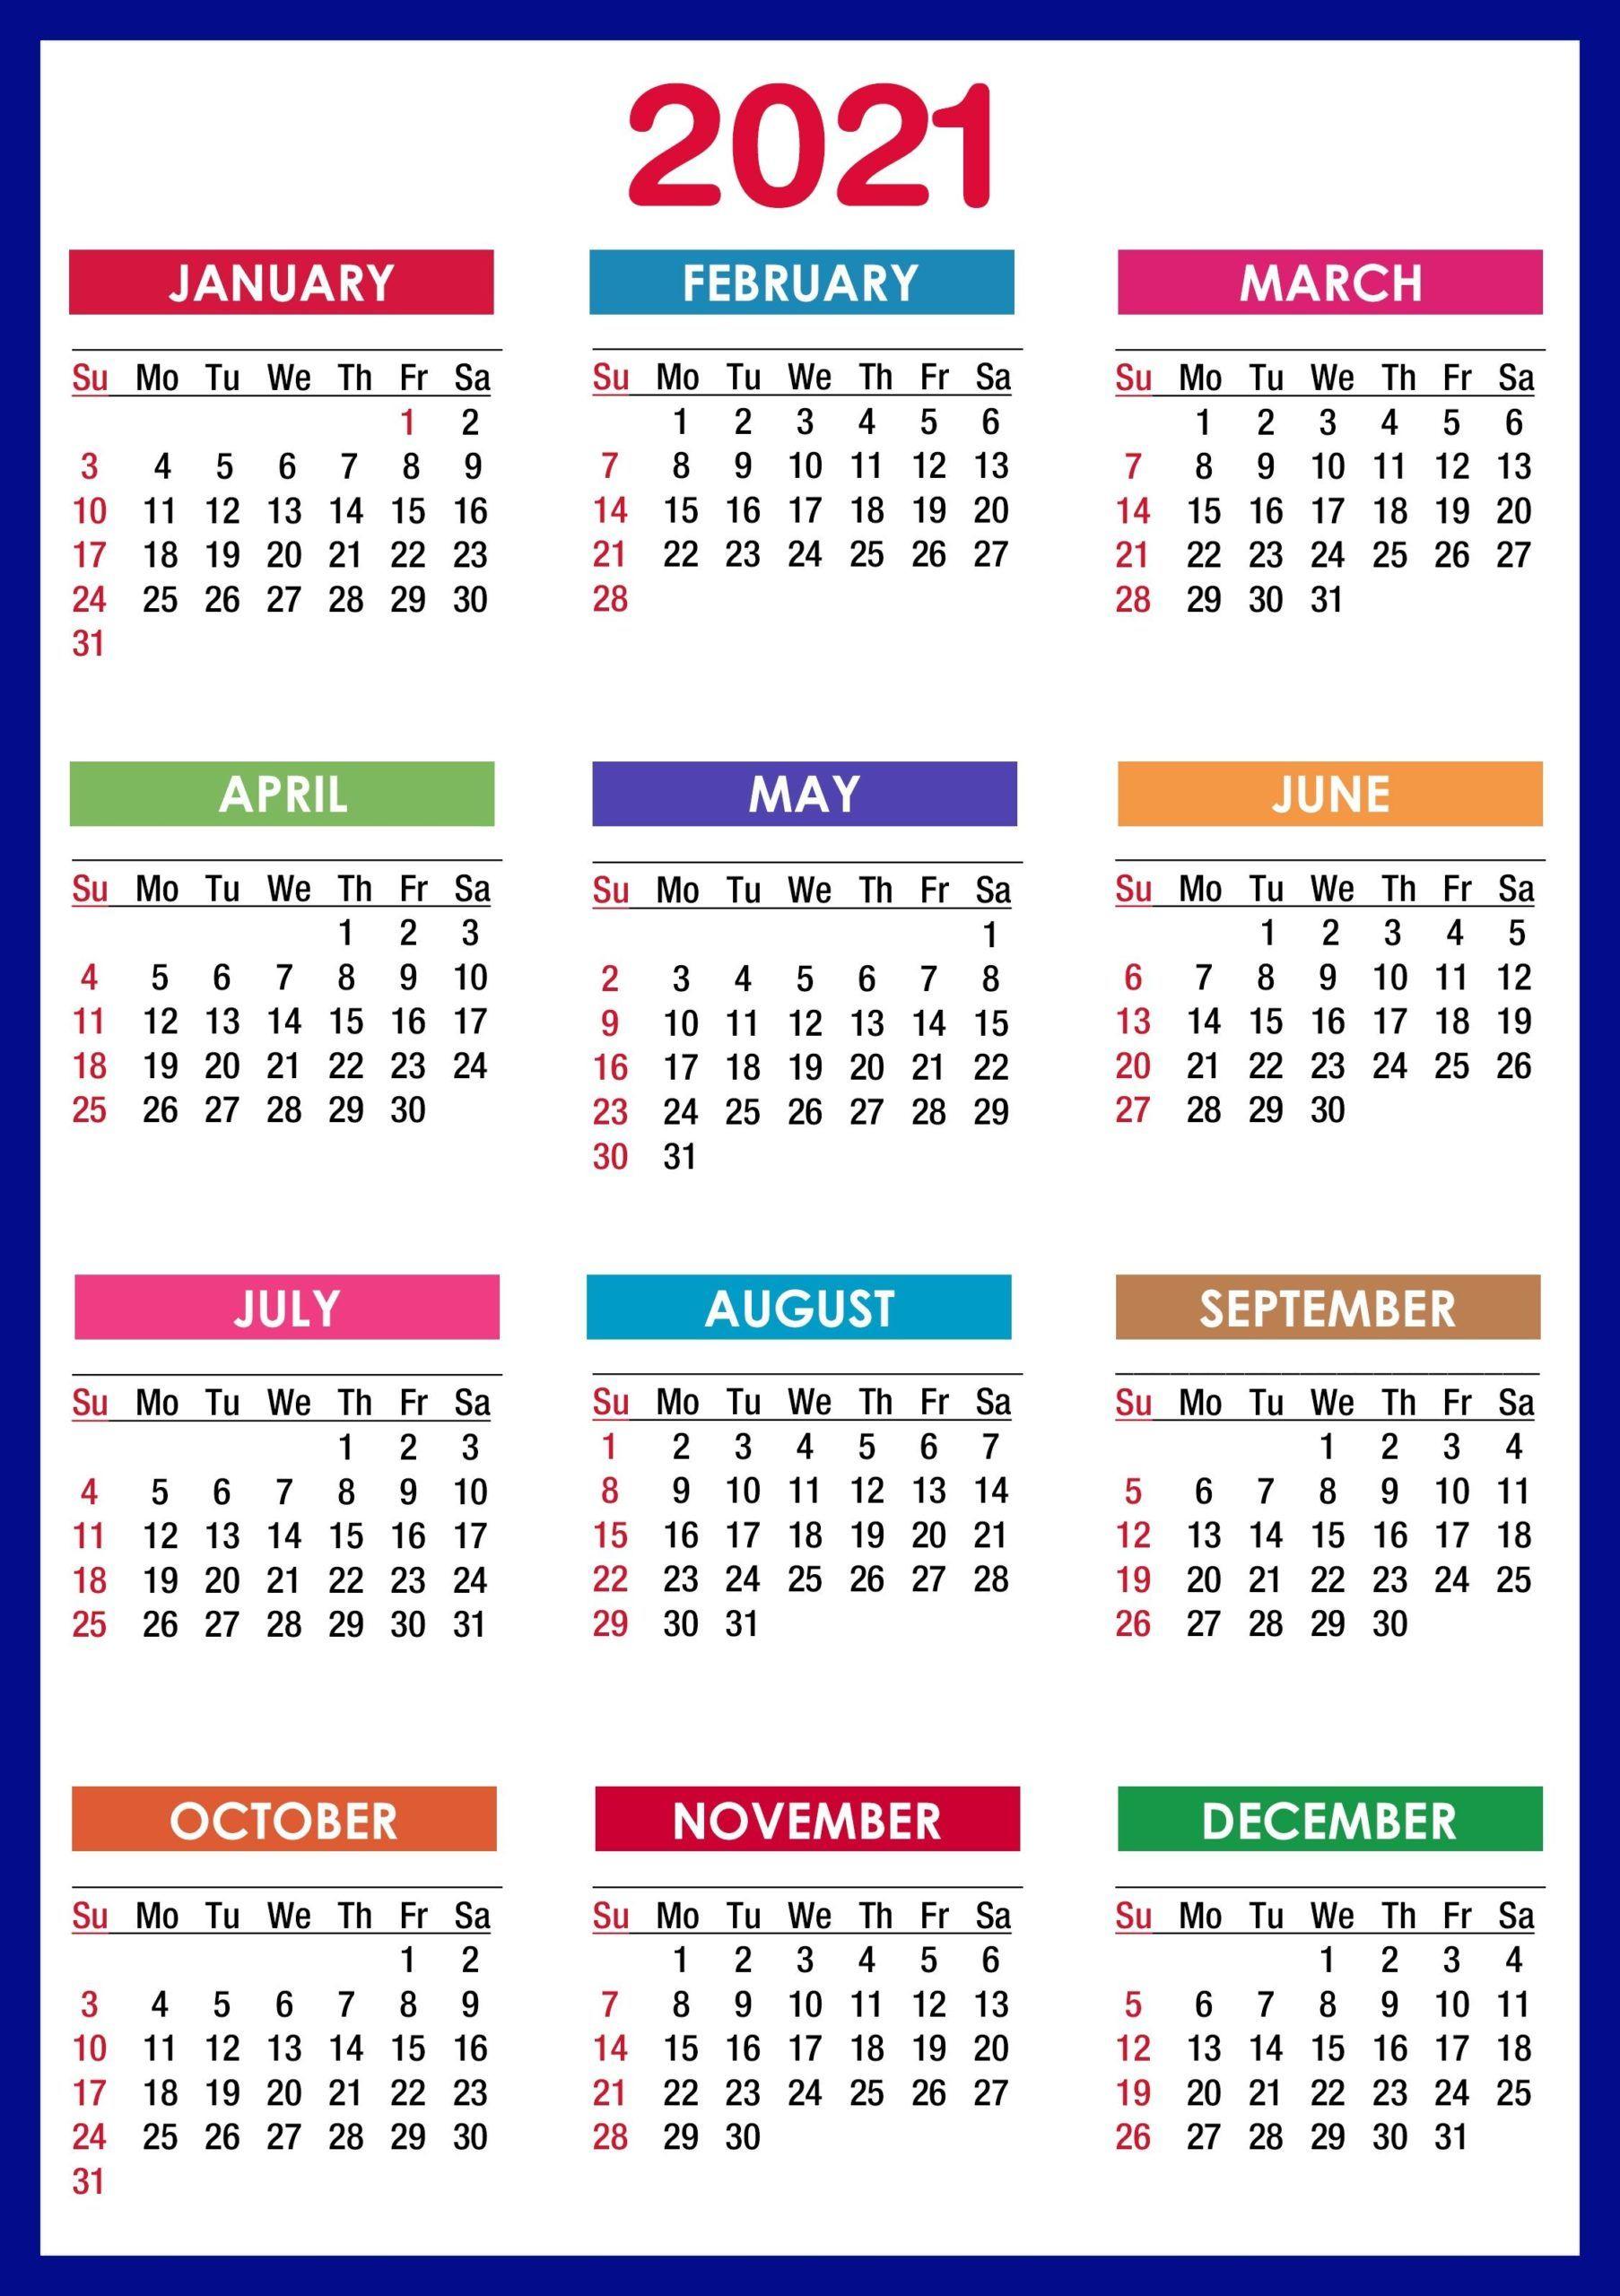 2021 Calendar Printable | 12 Months All In One | Calendar regarding Calendar 2021 All Months